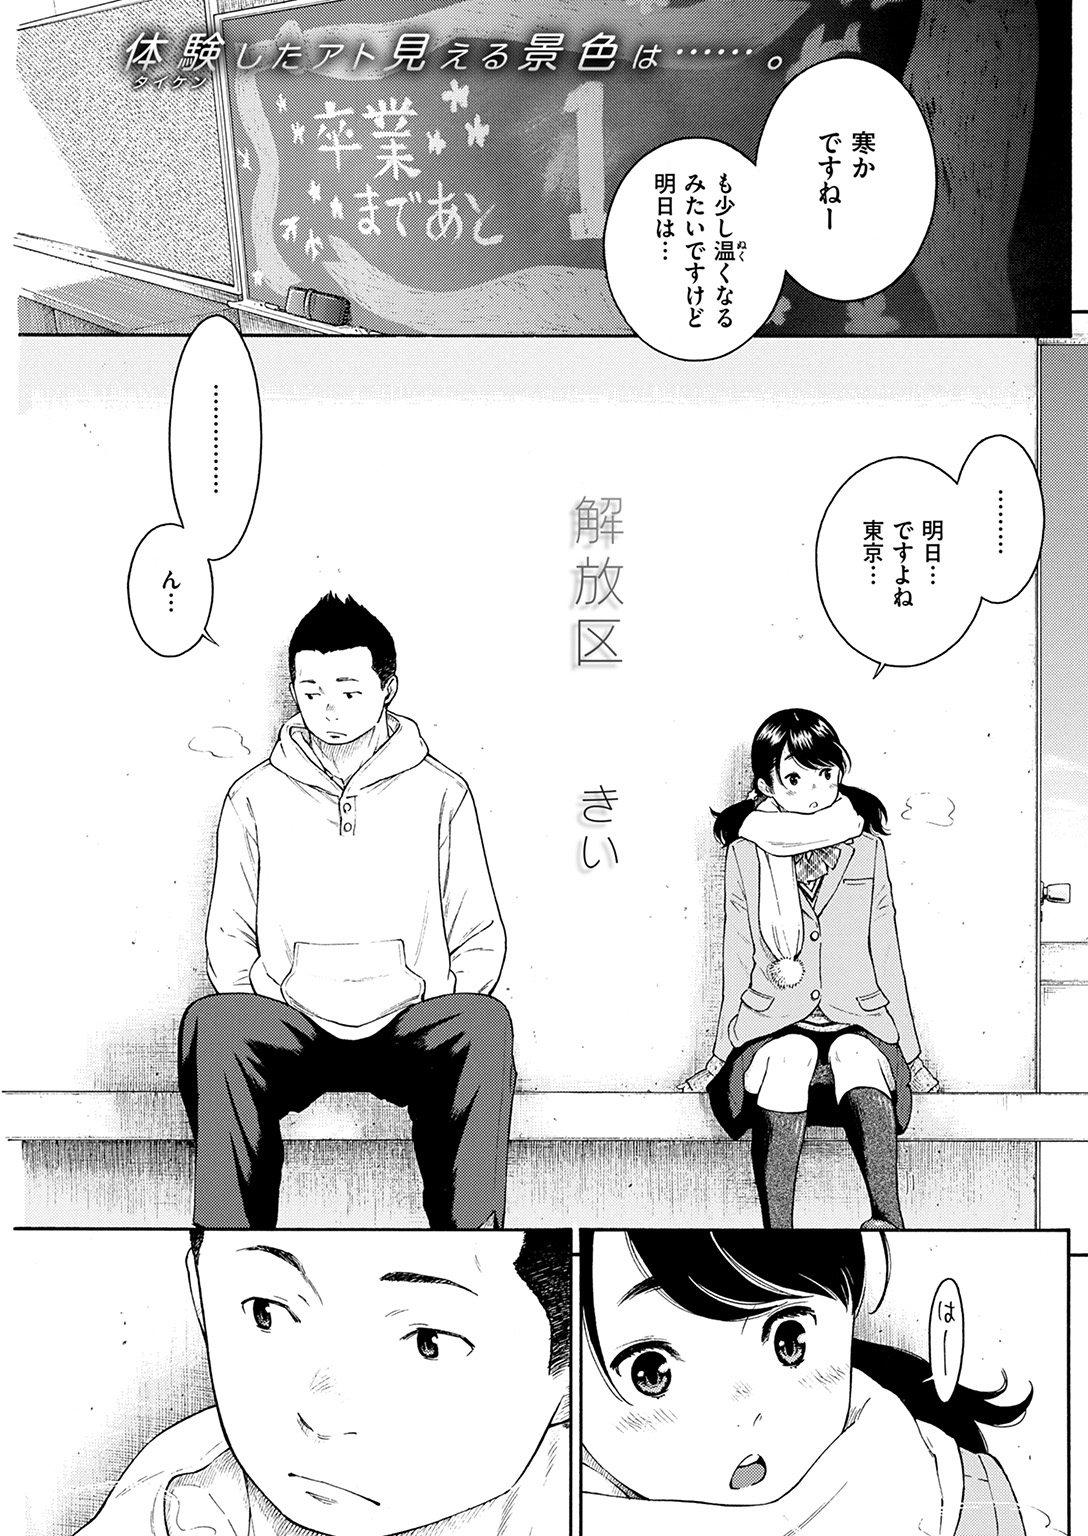 東京行く前日に好きな人にフラれた先輩を慰めるようにセックスする処女の後輩ちゃん可愛すぎる…